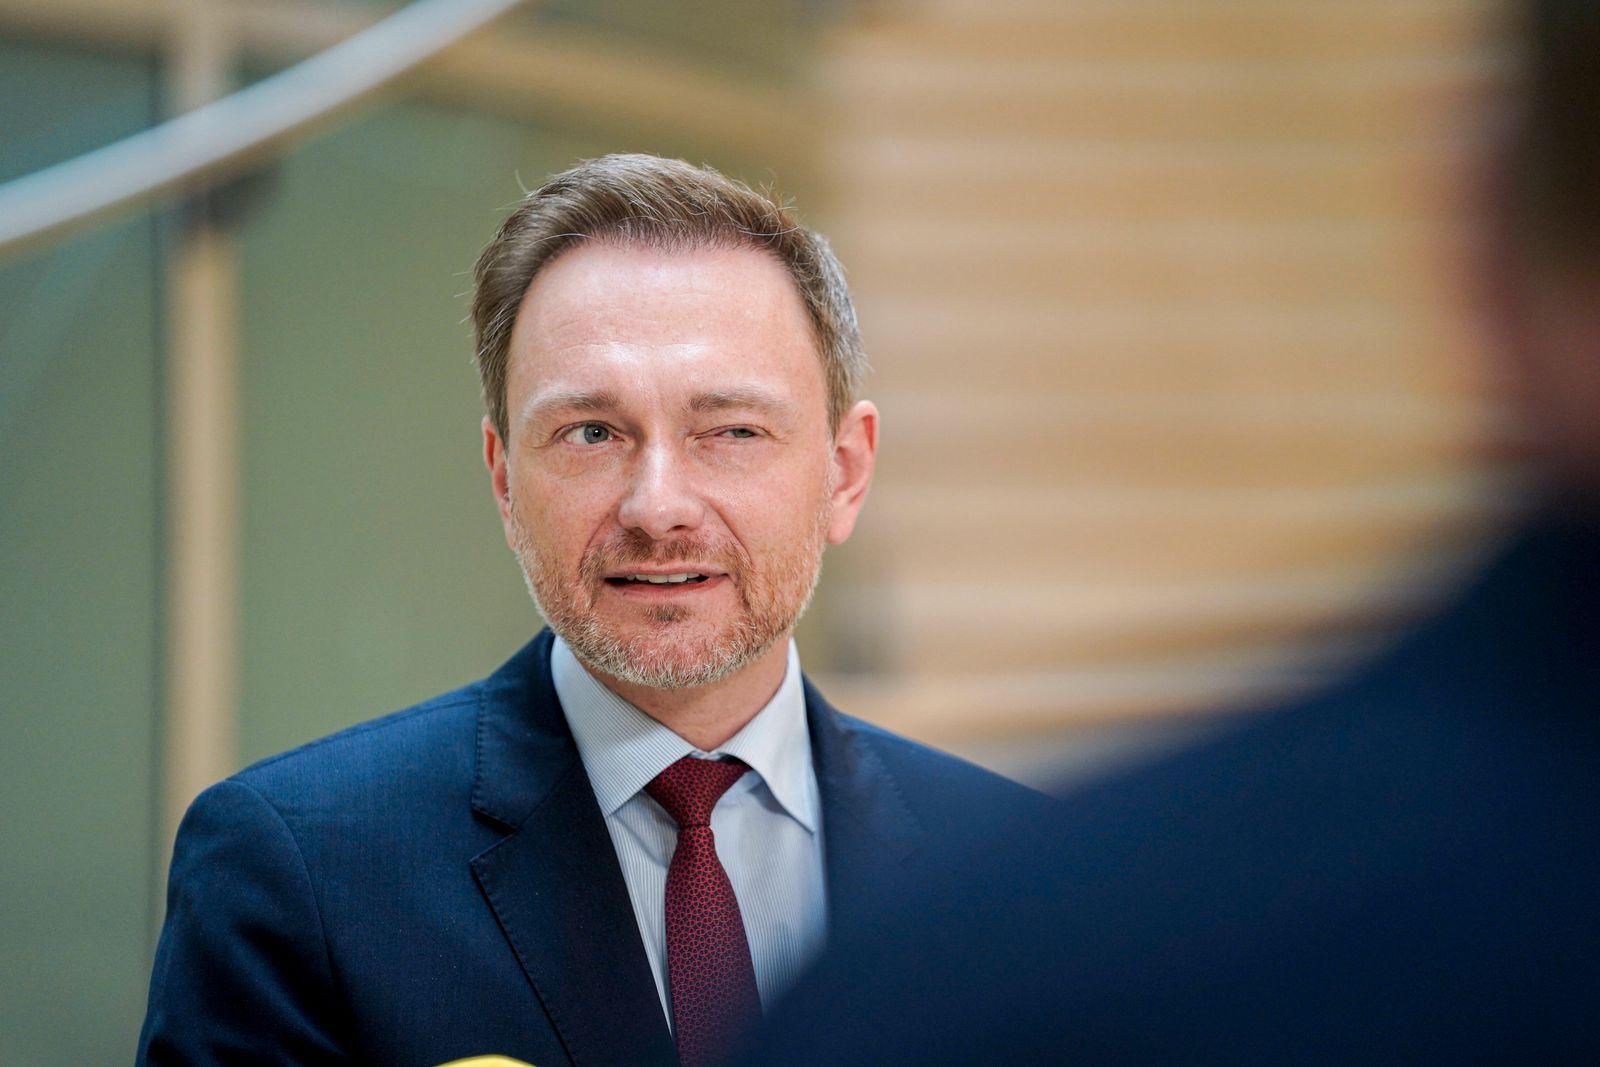 Statement der FDP Fraktion zur politischen Lage Aktuell, 05.05.2021, Berlin, Christian Lindner im Portrait bei seinem St